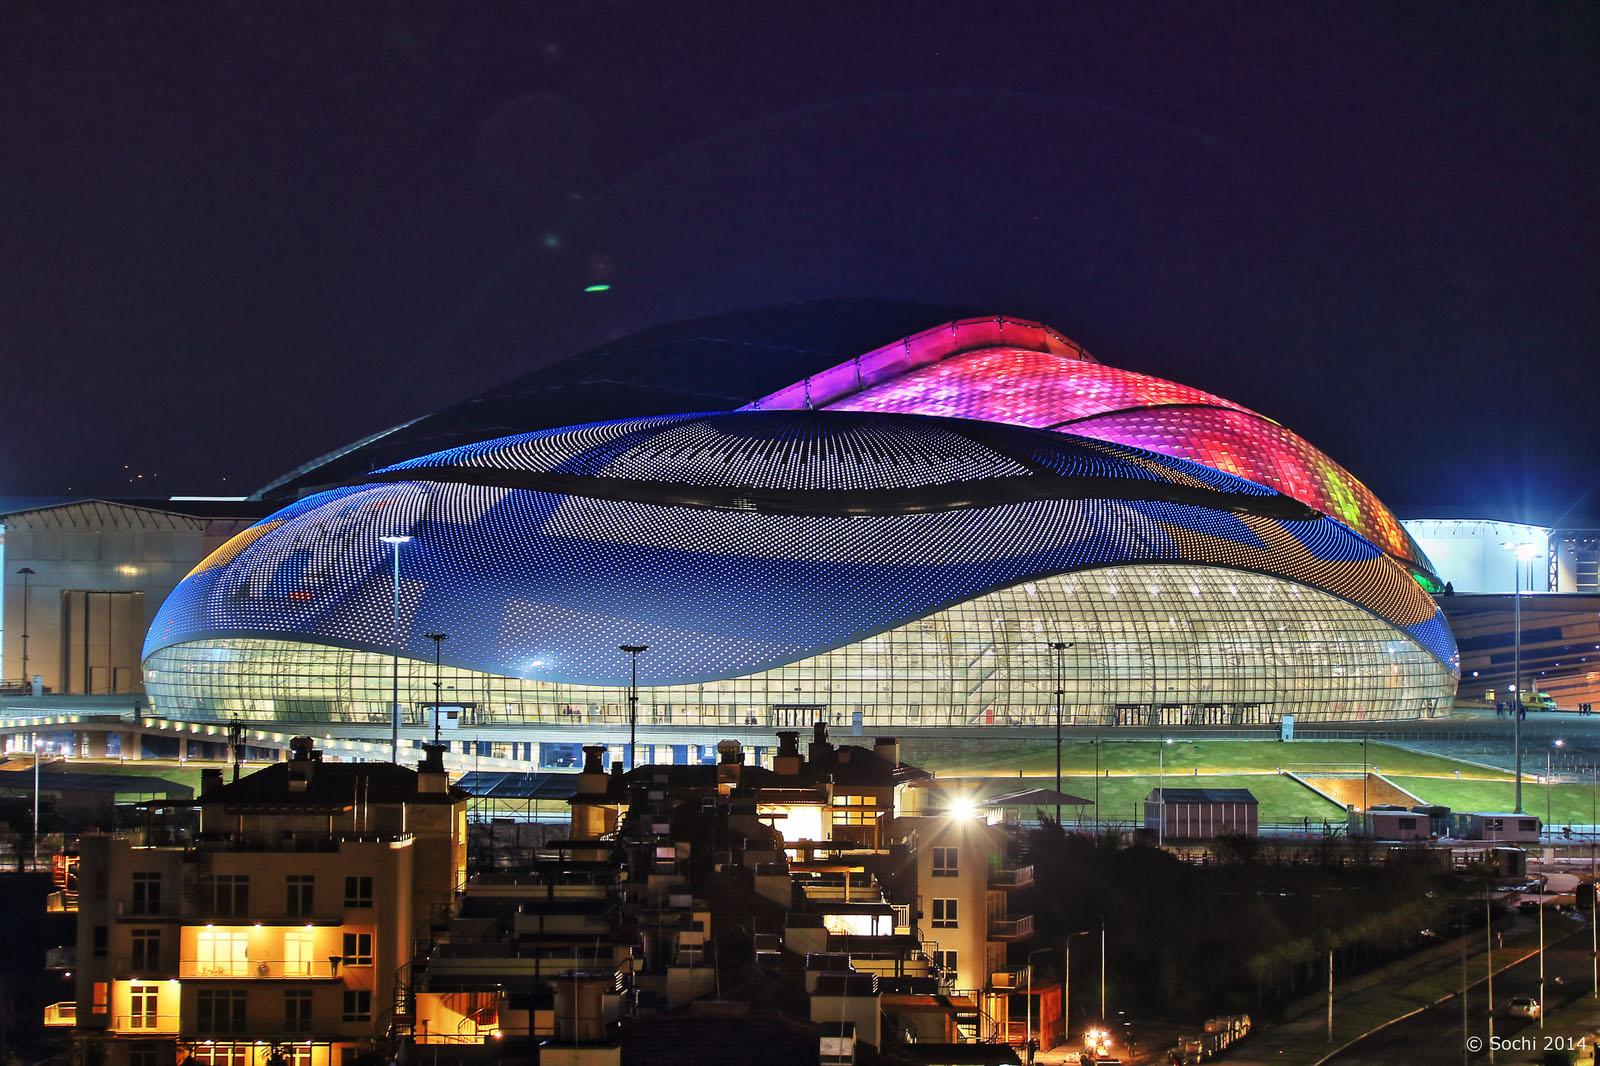 Sochi Olympics Bolshoi Ice Dome